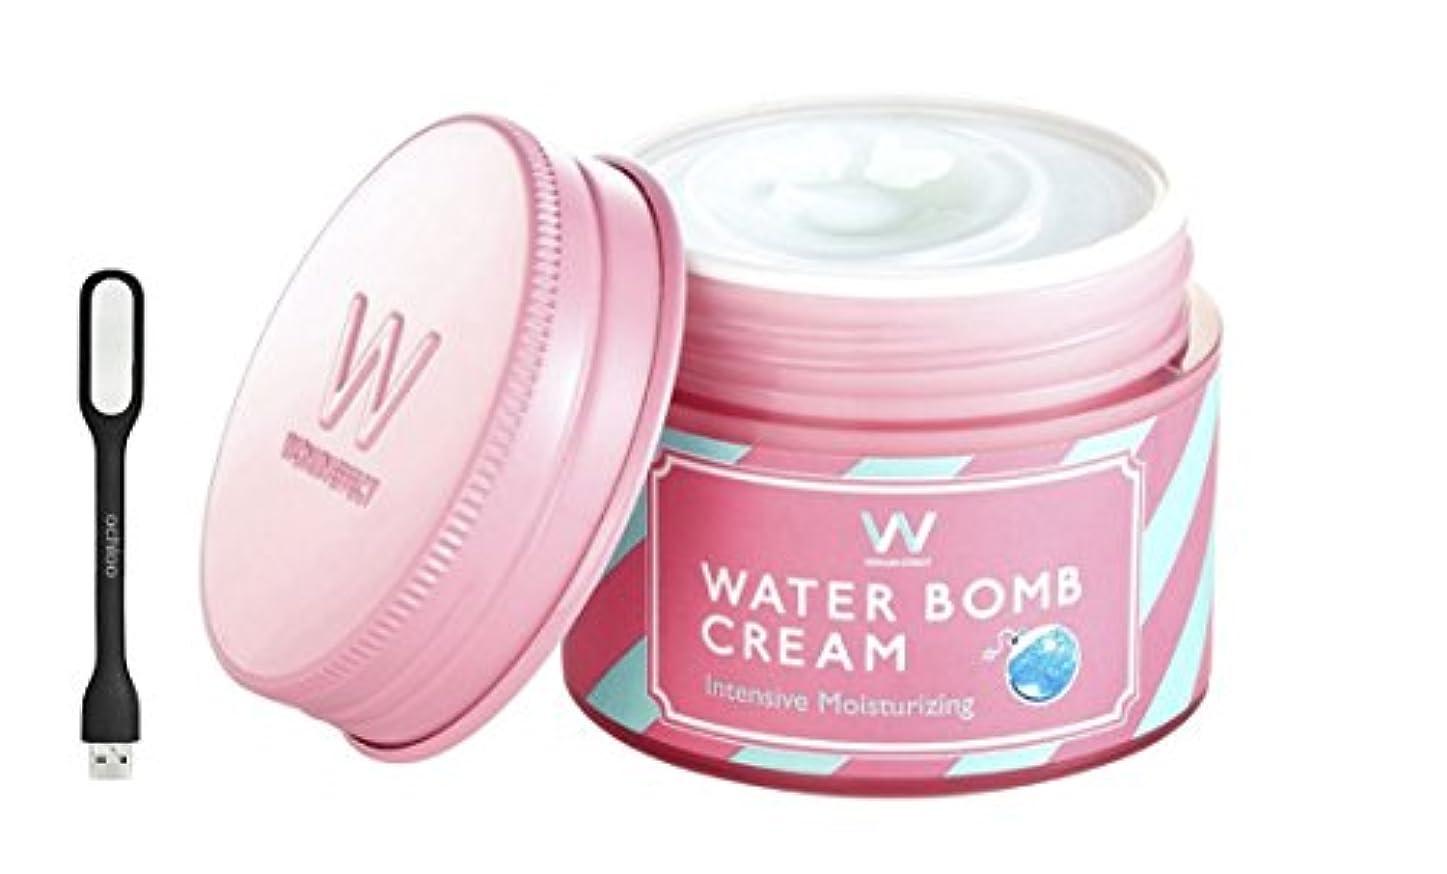 脚本家与える効率的にWONJIN EFFECT ウォンジンエフェクト水爆弾クリーム/ウォーターボムクリーム [Water Bomb Cream] - 50ml, 1.69 fl. oz.+ Ochloo logo led